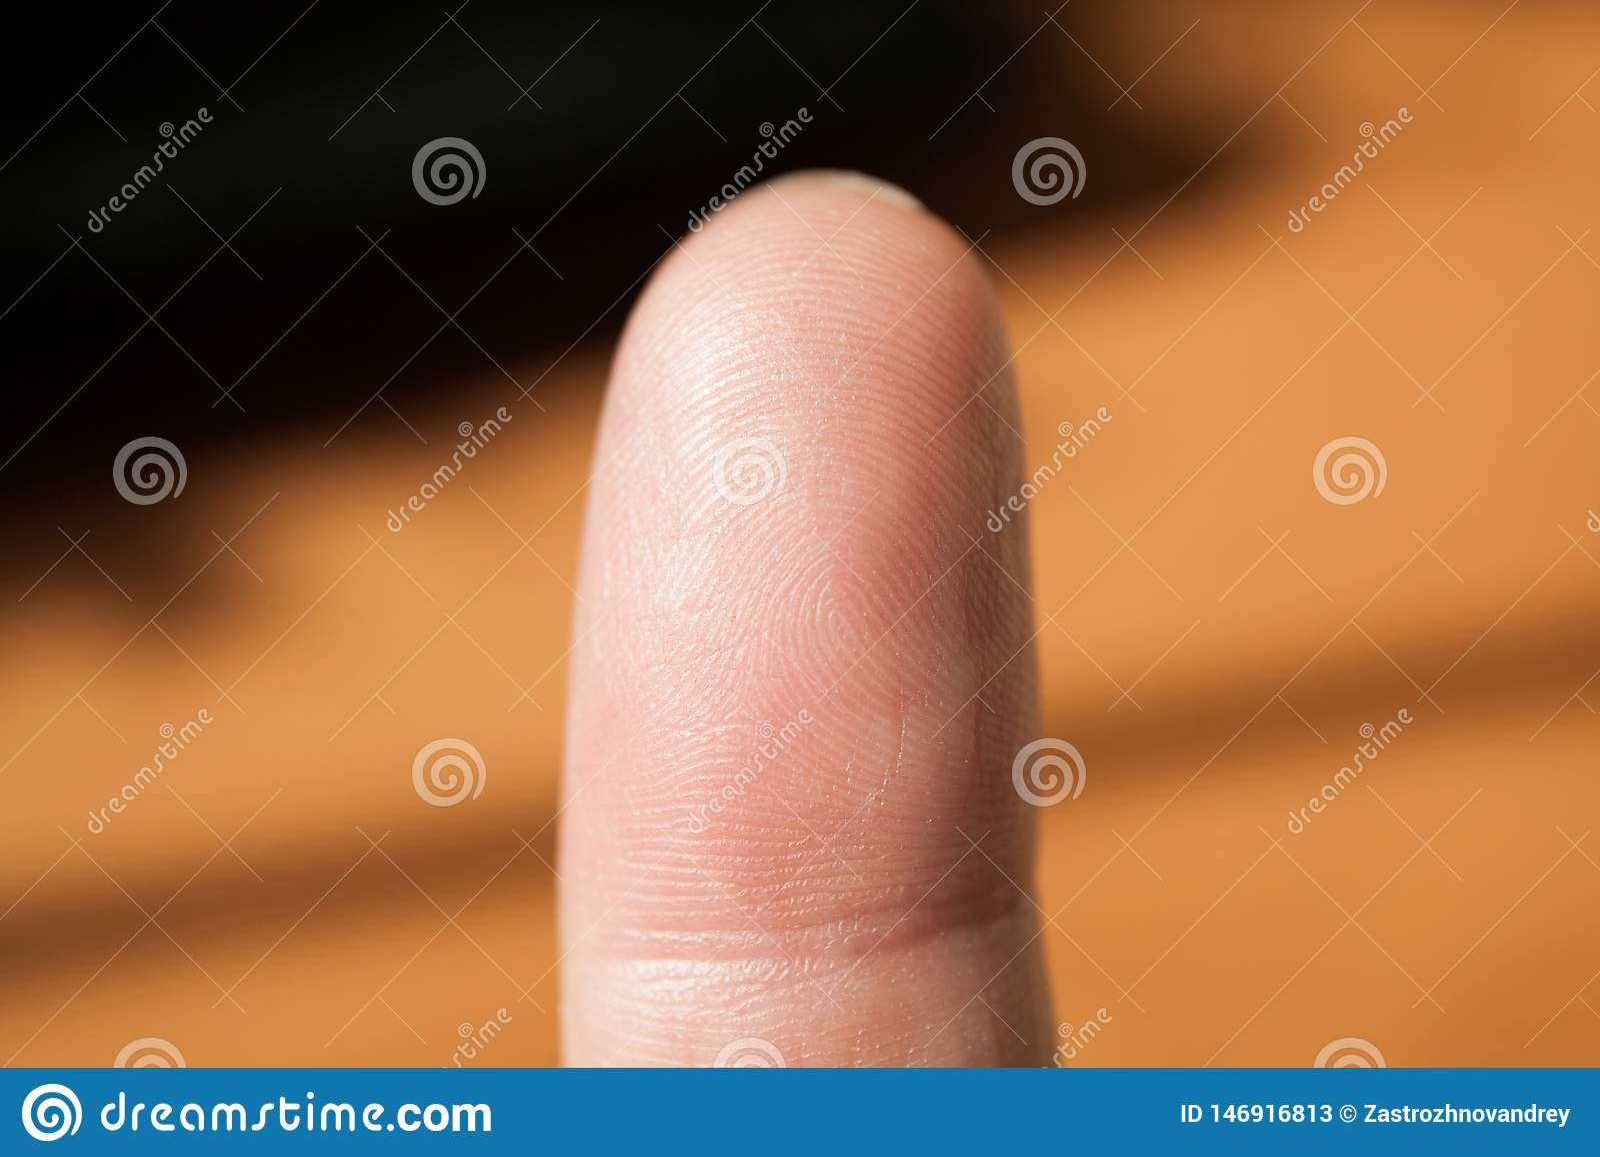 Μακρο πυροβολισμός του δακτυλικού αποτυπώματος Μέλη του σώματος